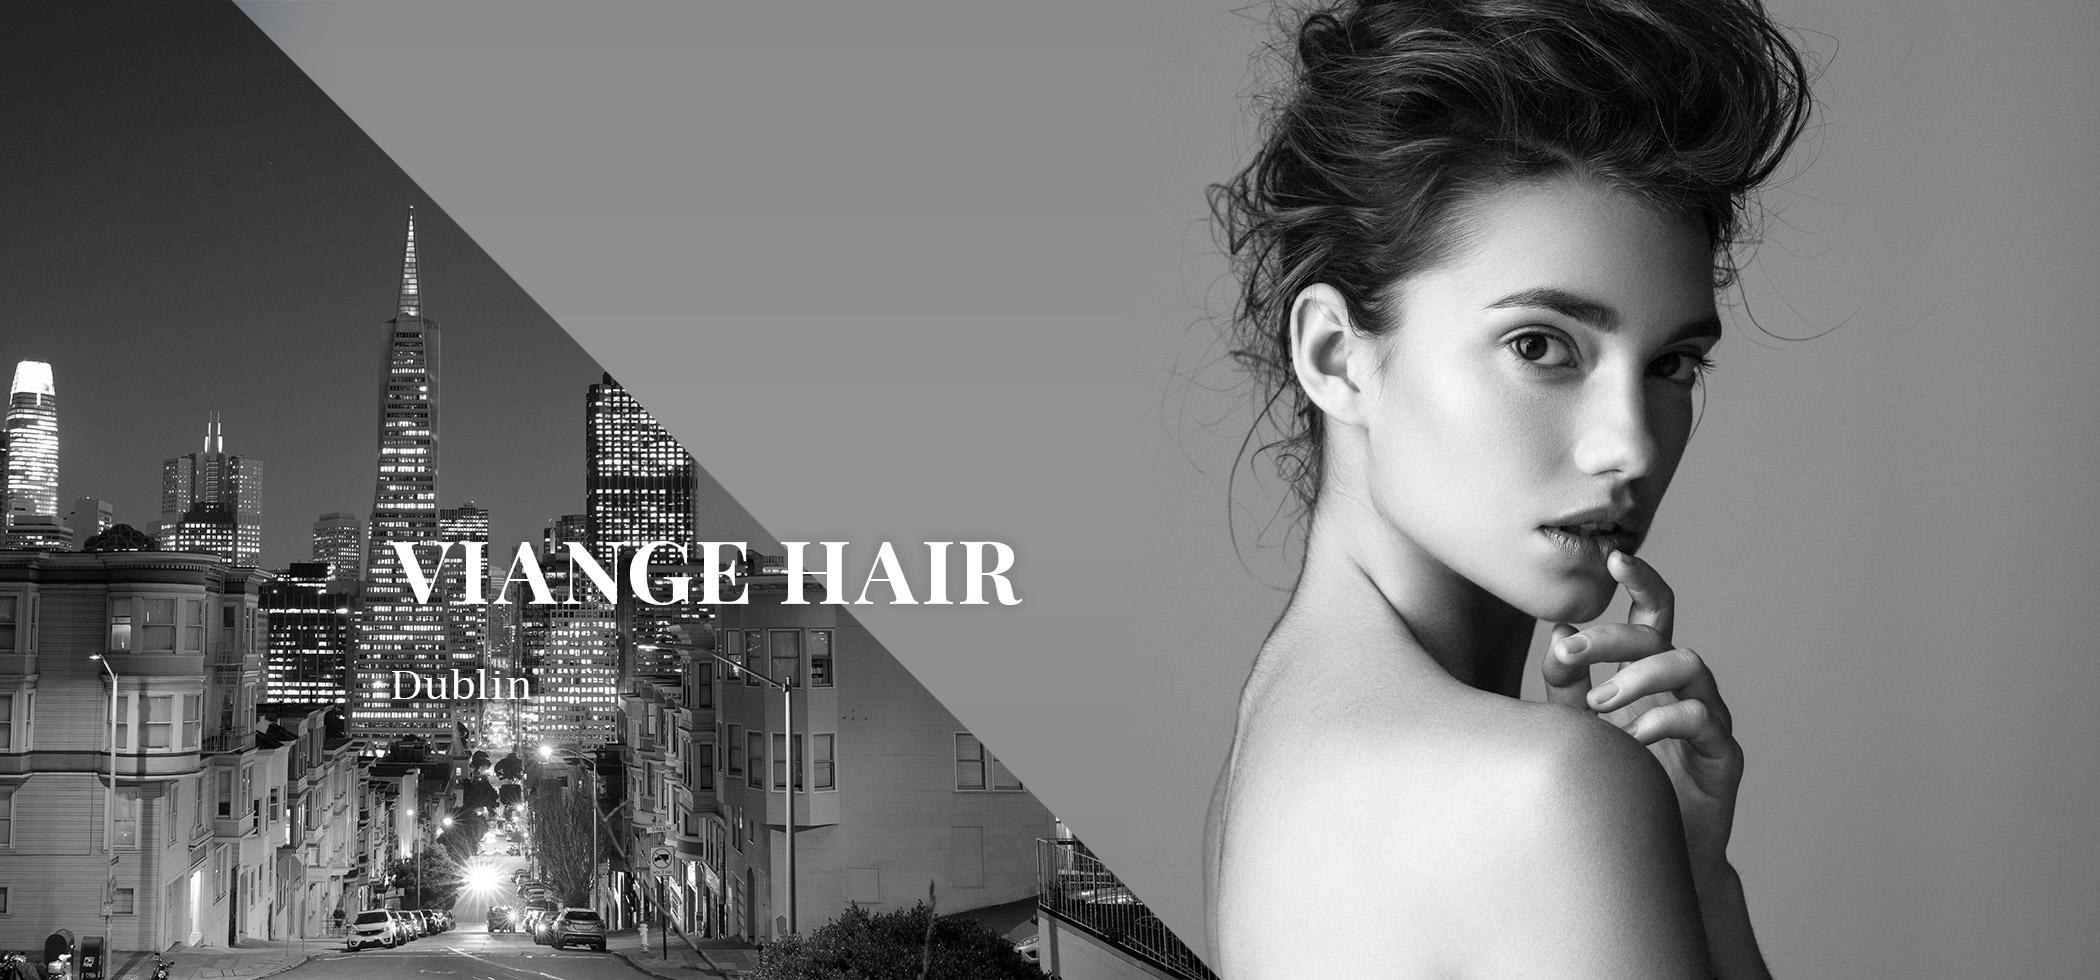 Viange Hair Dublin